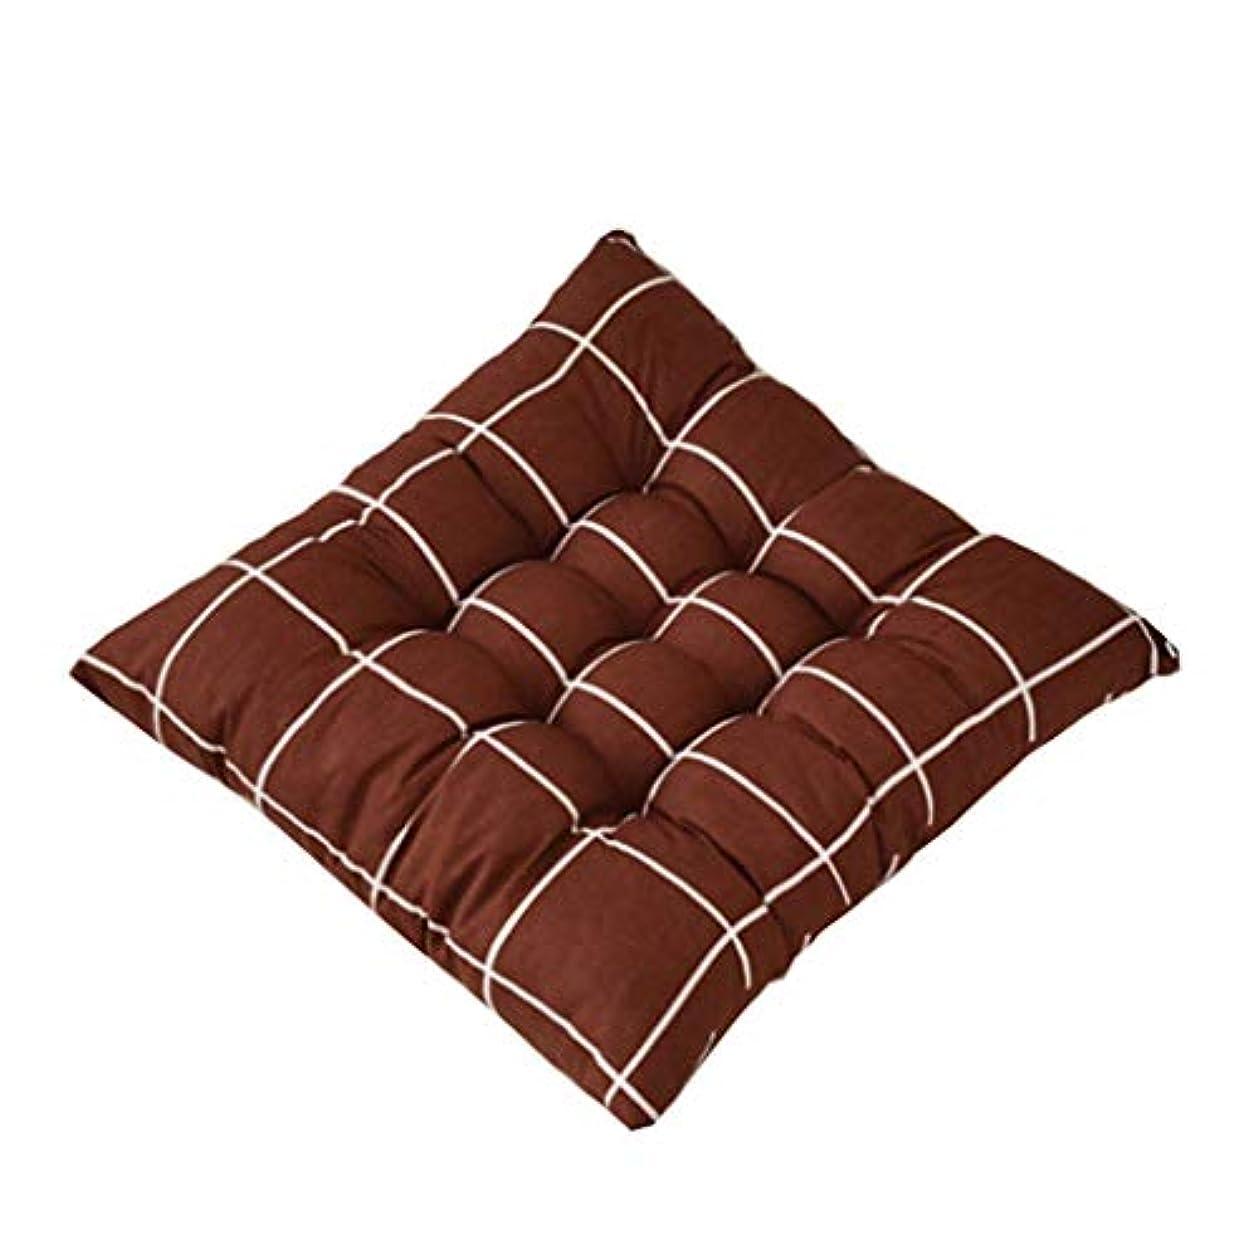 誇張カビ立方体LIFE 正方形の椅子パッド厚いシートクッションダイニングパティオホームオフィス屋内屋外ガーデンソファ臀部クッション 40 × 40 センチメートル クッション 椅子